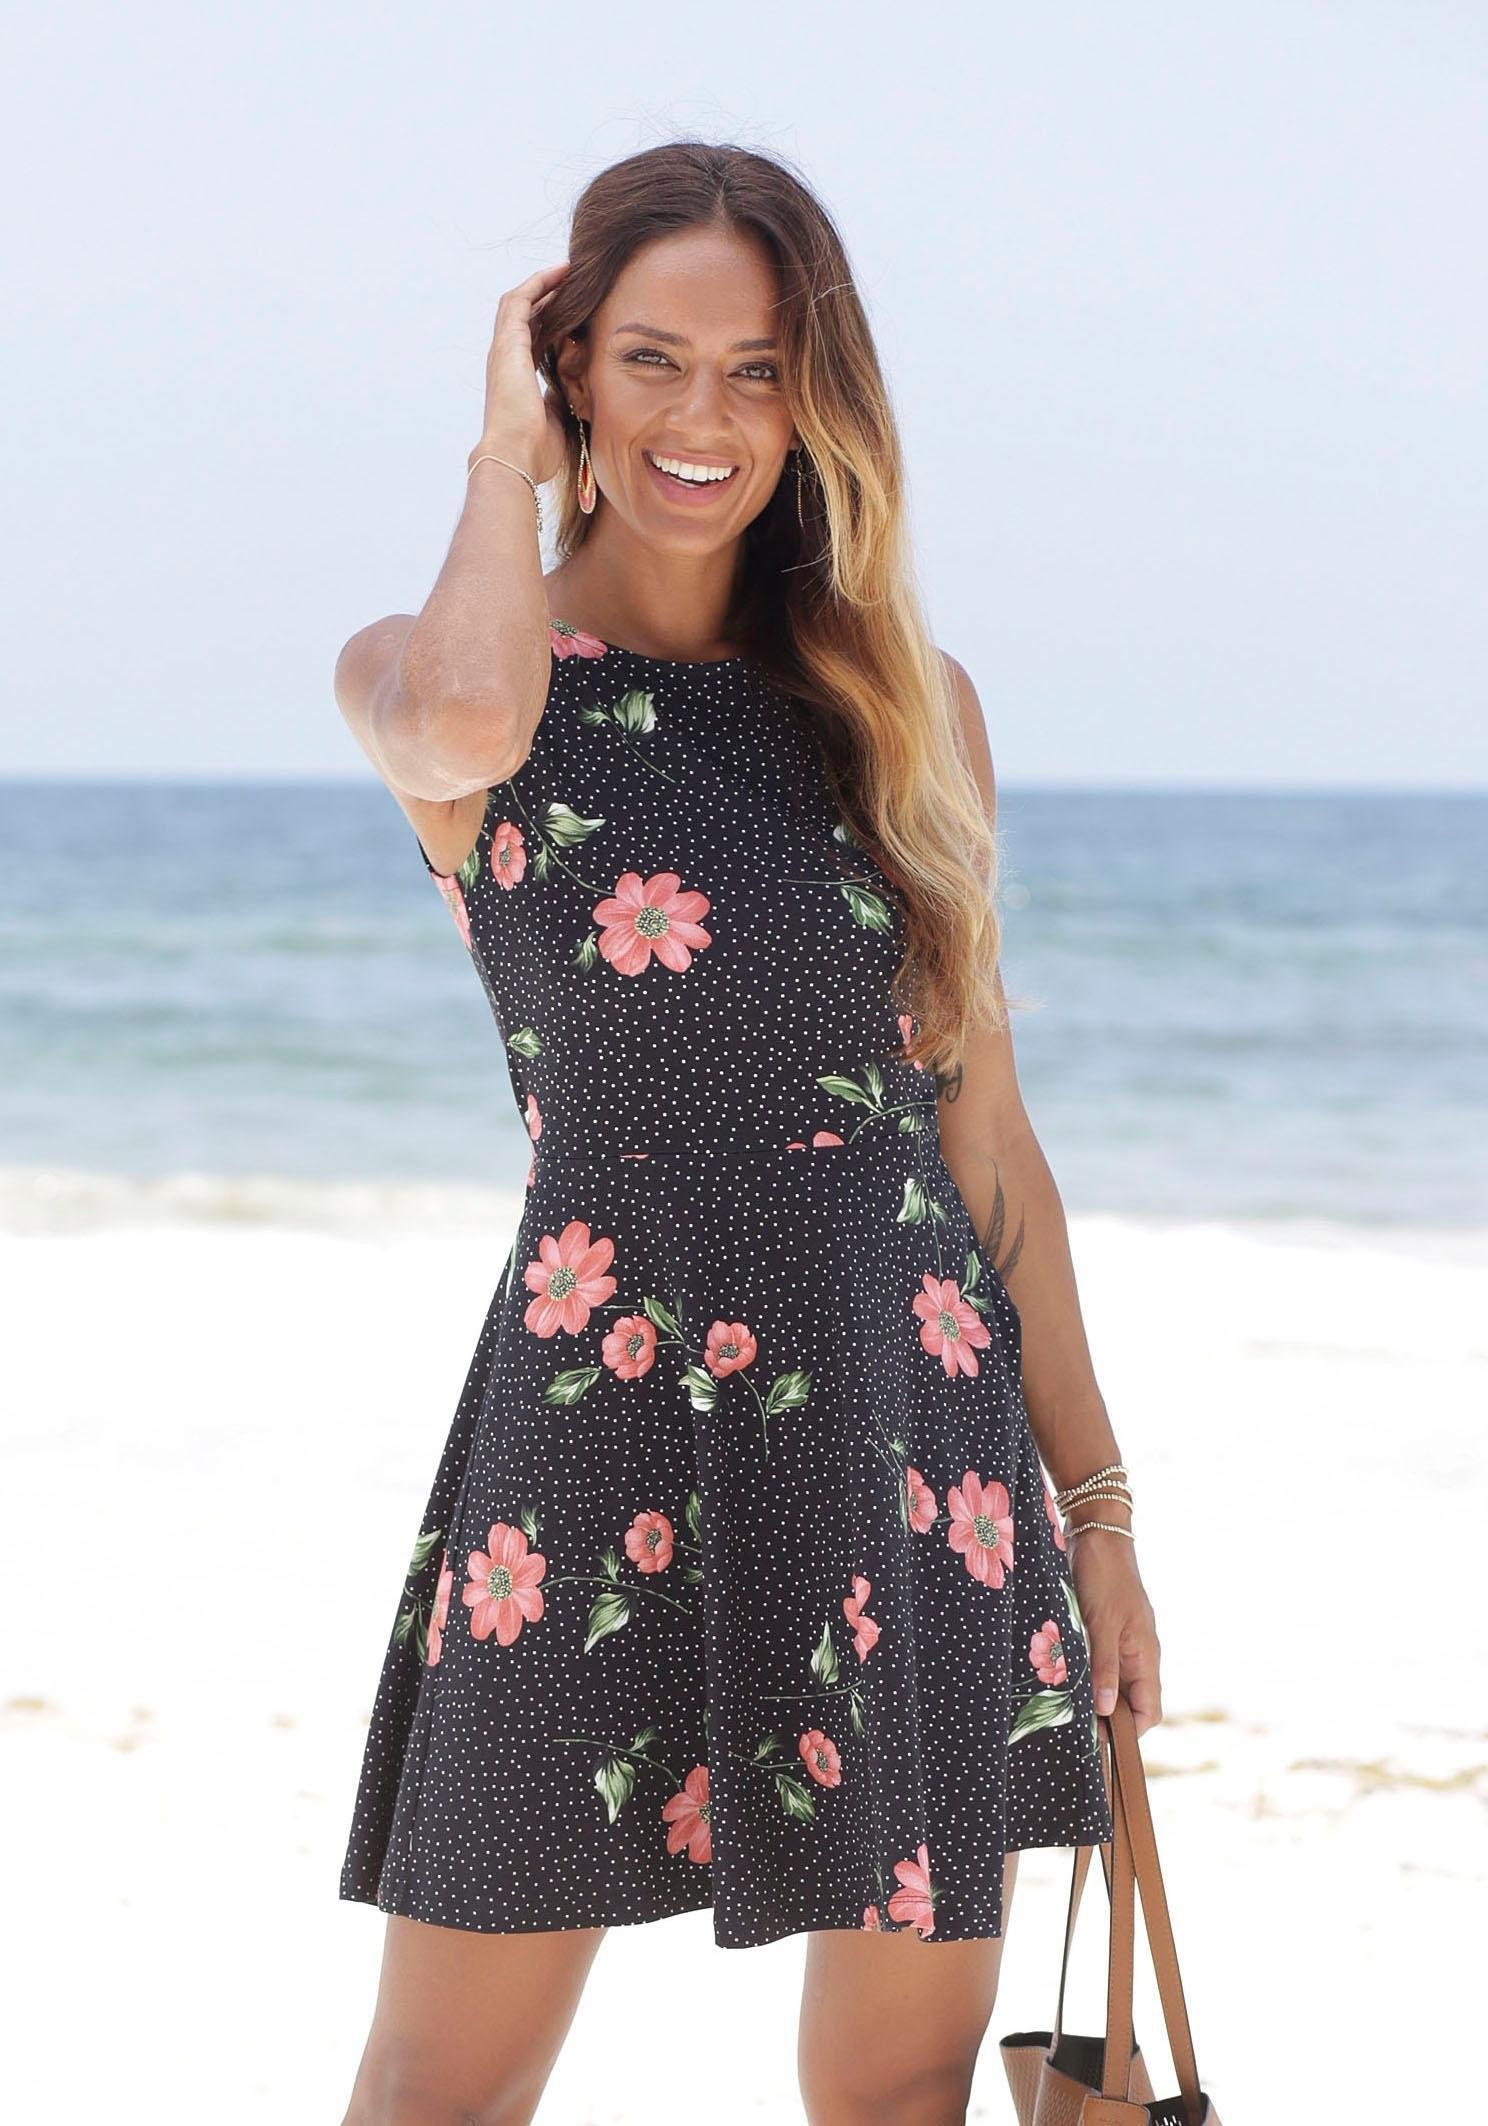 Beachtime Strandjurk met stijlvolle stippen goedkoop op lascana.nl kopen